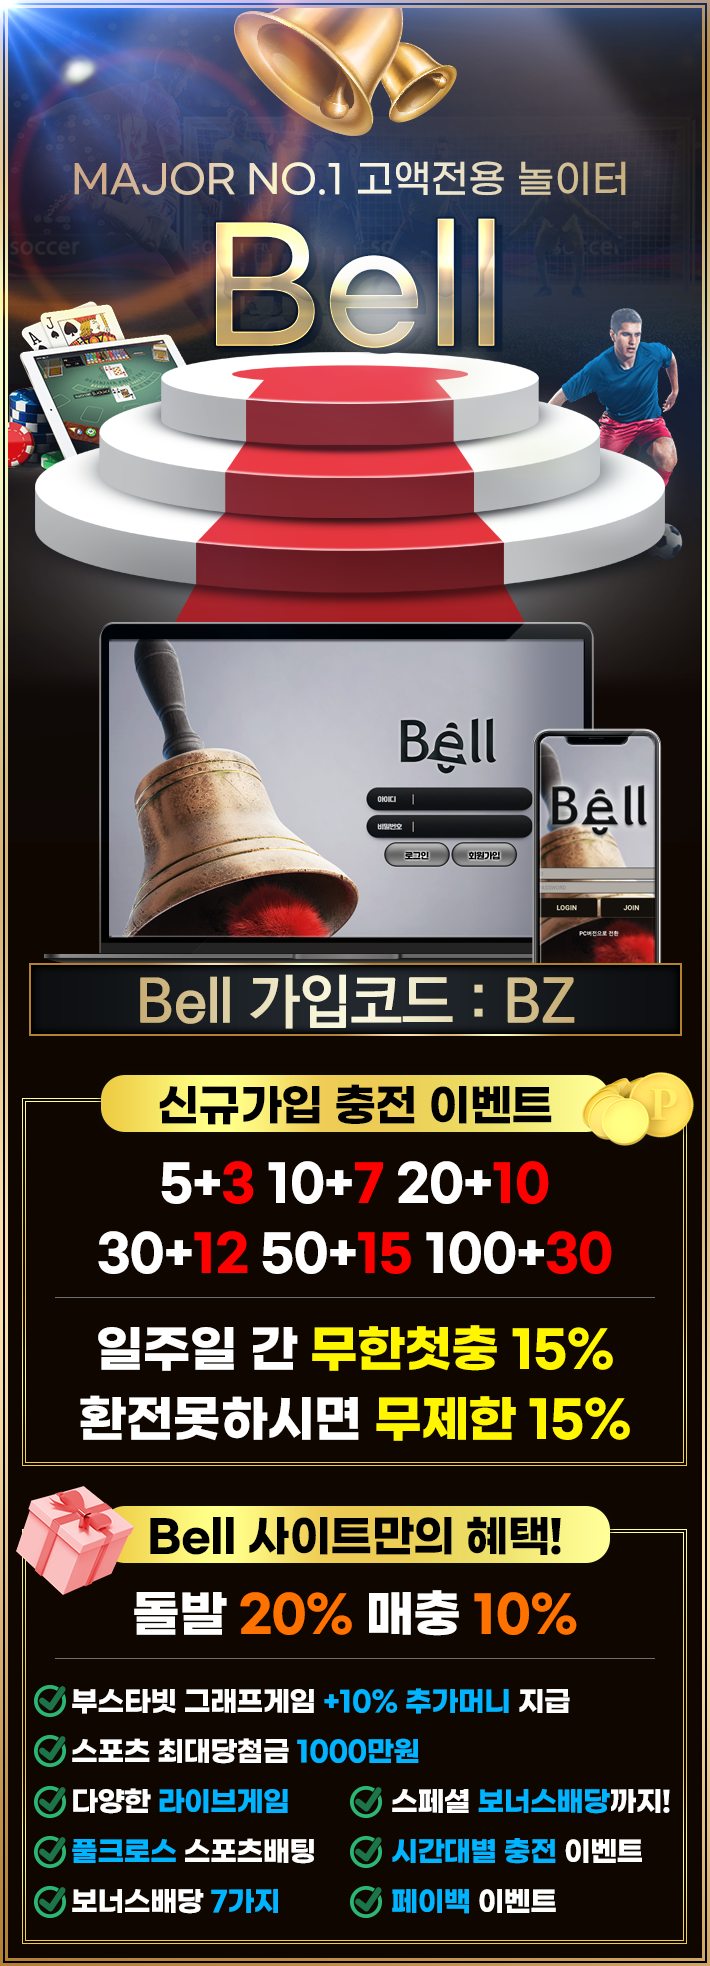 먹튀검증 토토-토토사이트-벨-bell 안전토토사이트